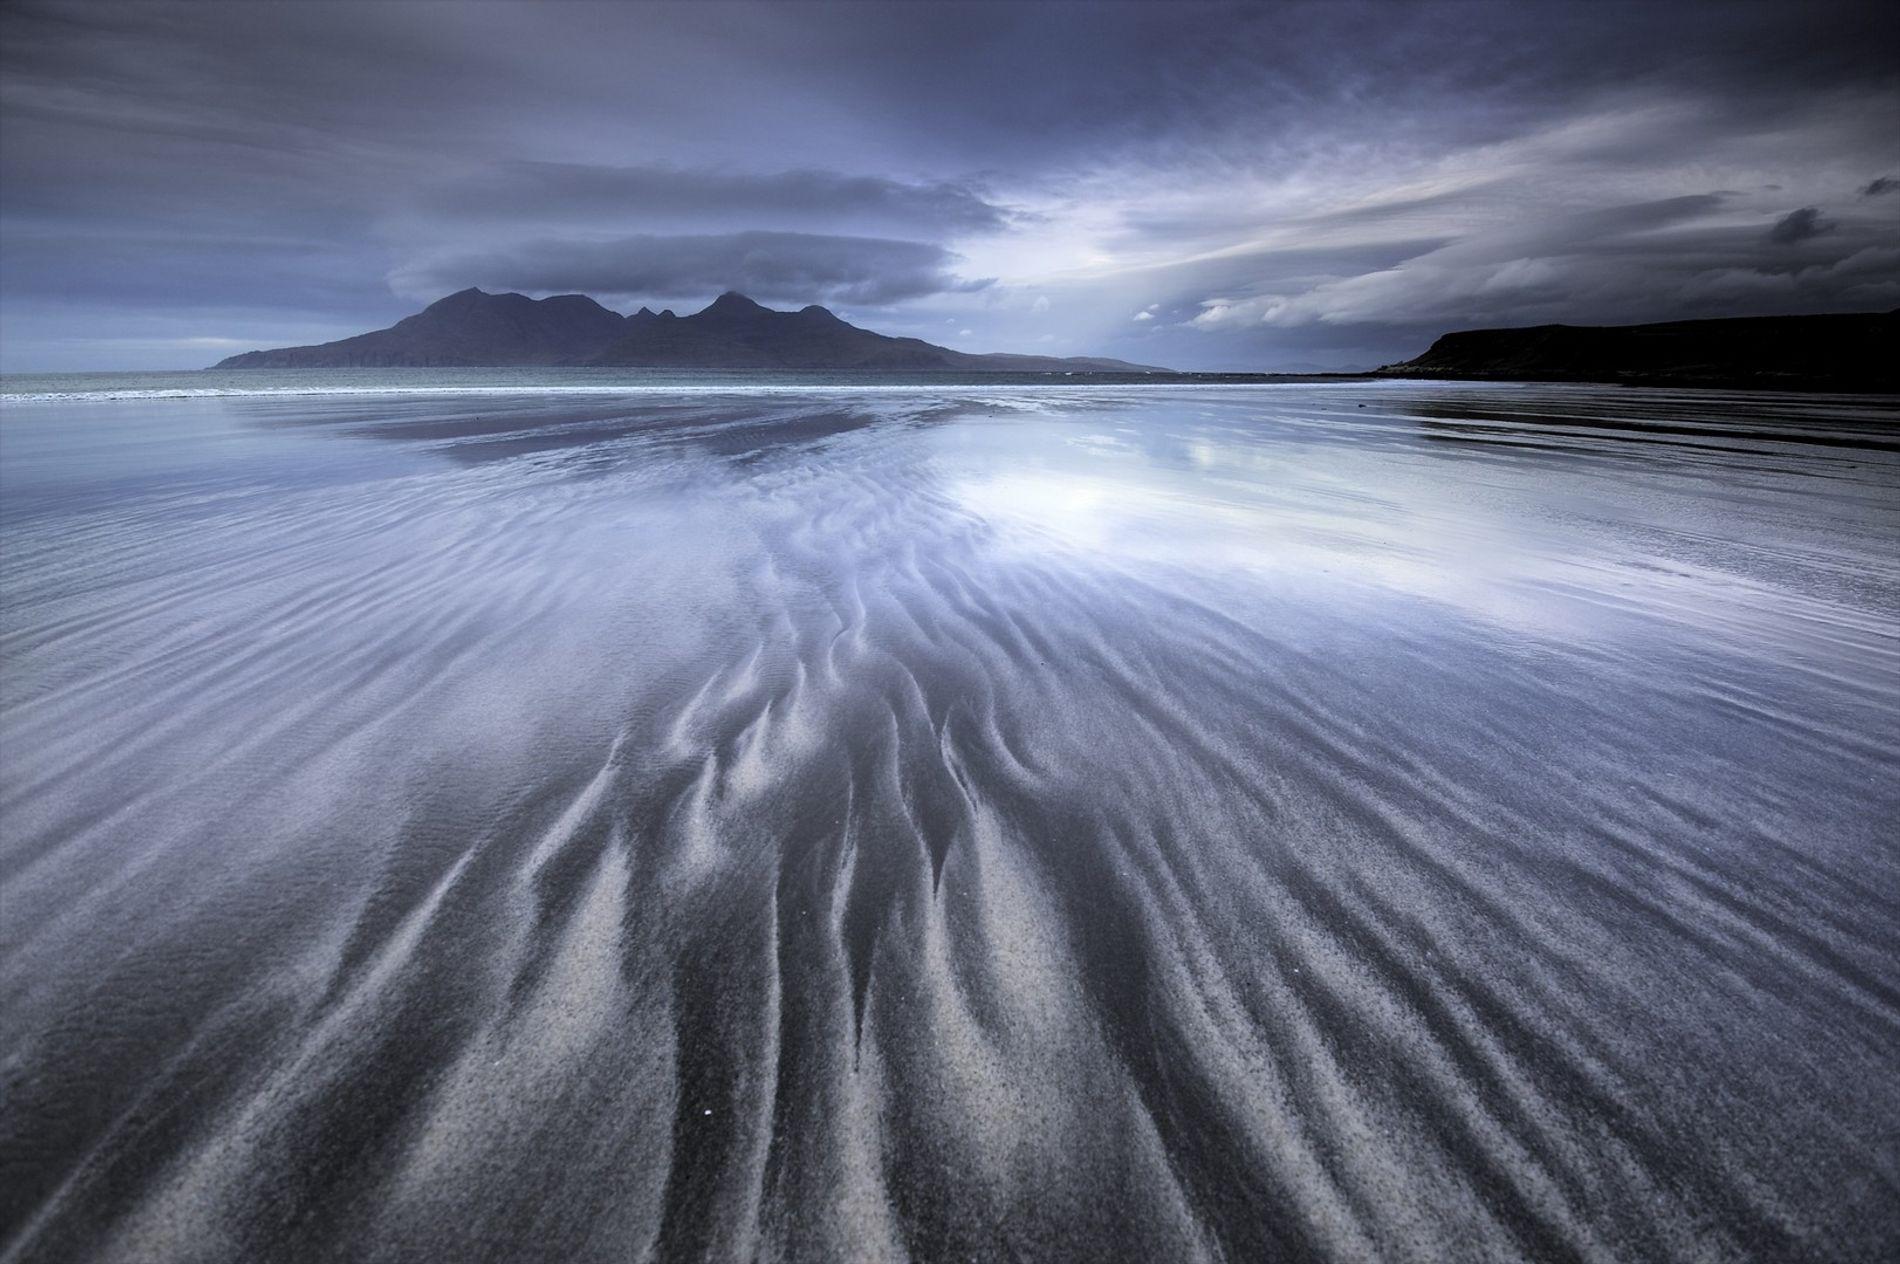 """Die Aussicht auf die Insel Rum von der Laig Bay auf der Insel Eigg aus. Das Licht tanzt auf dem Wasser, das den breiten, sacht abfallenden Strand formt. Er besteht aus weißem Muschelsand, der von schwarzem Basaltsand durchzogen ist. Dieser wird aus dem vulkanischen Herzen der Insel in Richtung Ufer gespült. Auf die Small Isles oder """"Kleinen Inseln"""" (Eigg, Muck, Rum und Canna) kann mit der Fähre von Mallaig aus übergesetzt werden."""